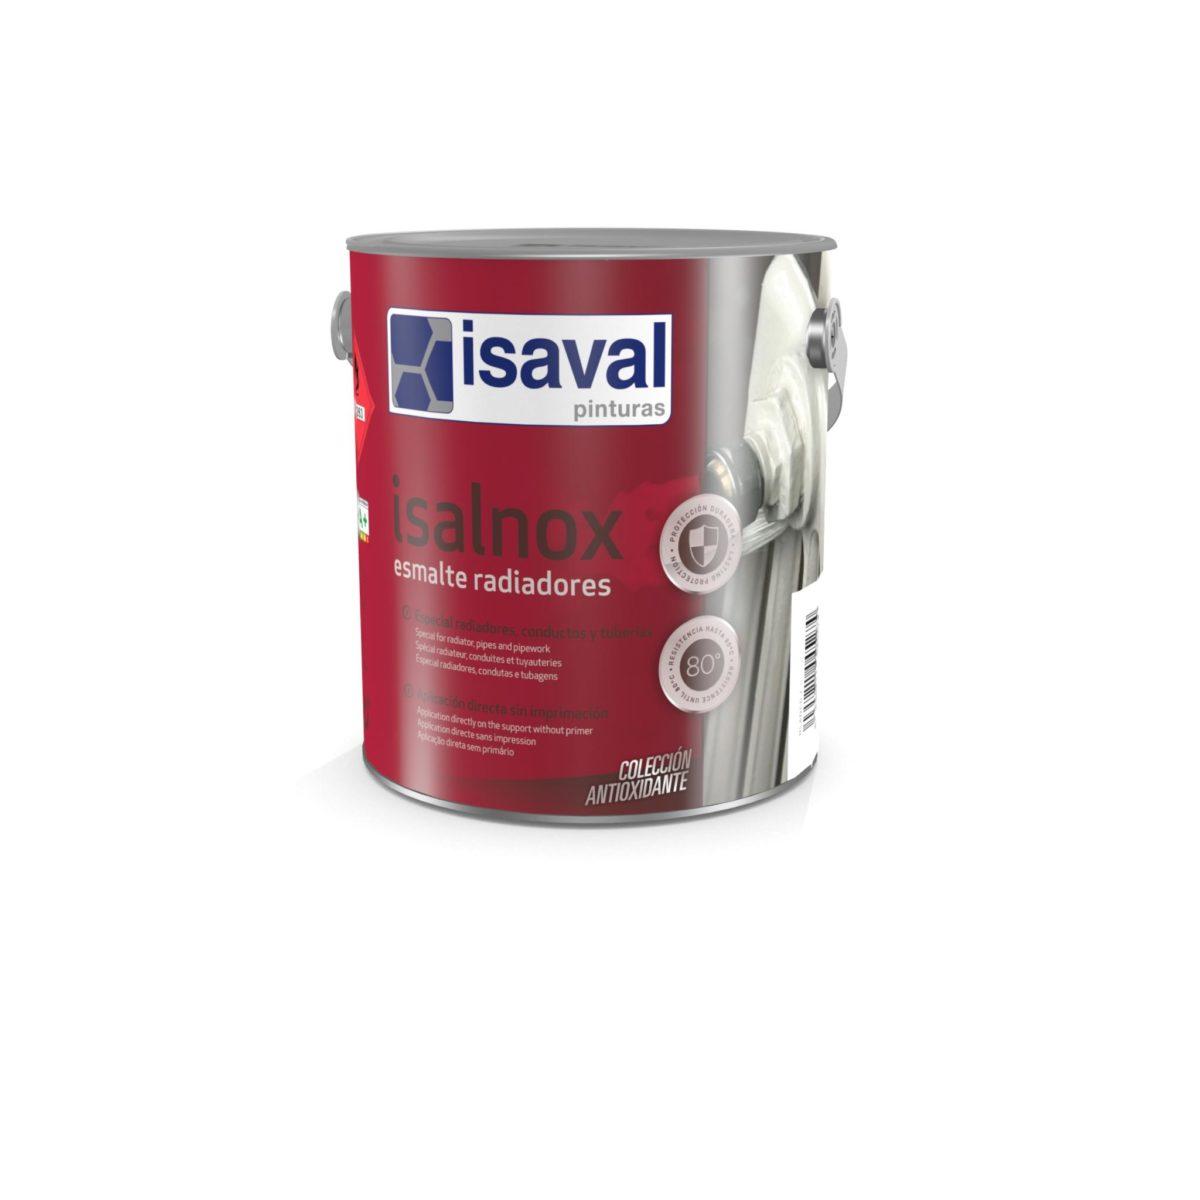 Isalnox Esmalte radiadores. Esmalte sintético protección radiadores de Pinturas Isaval